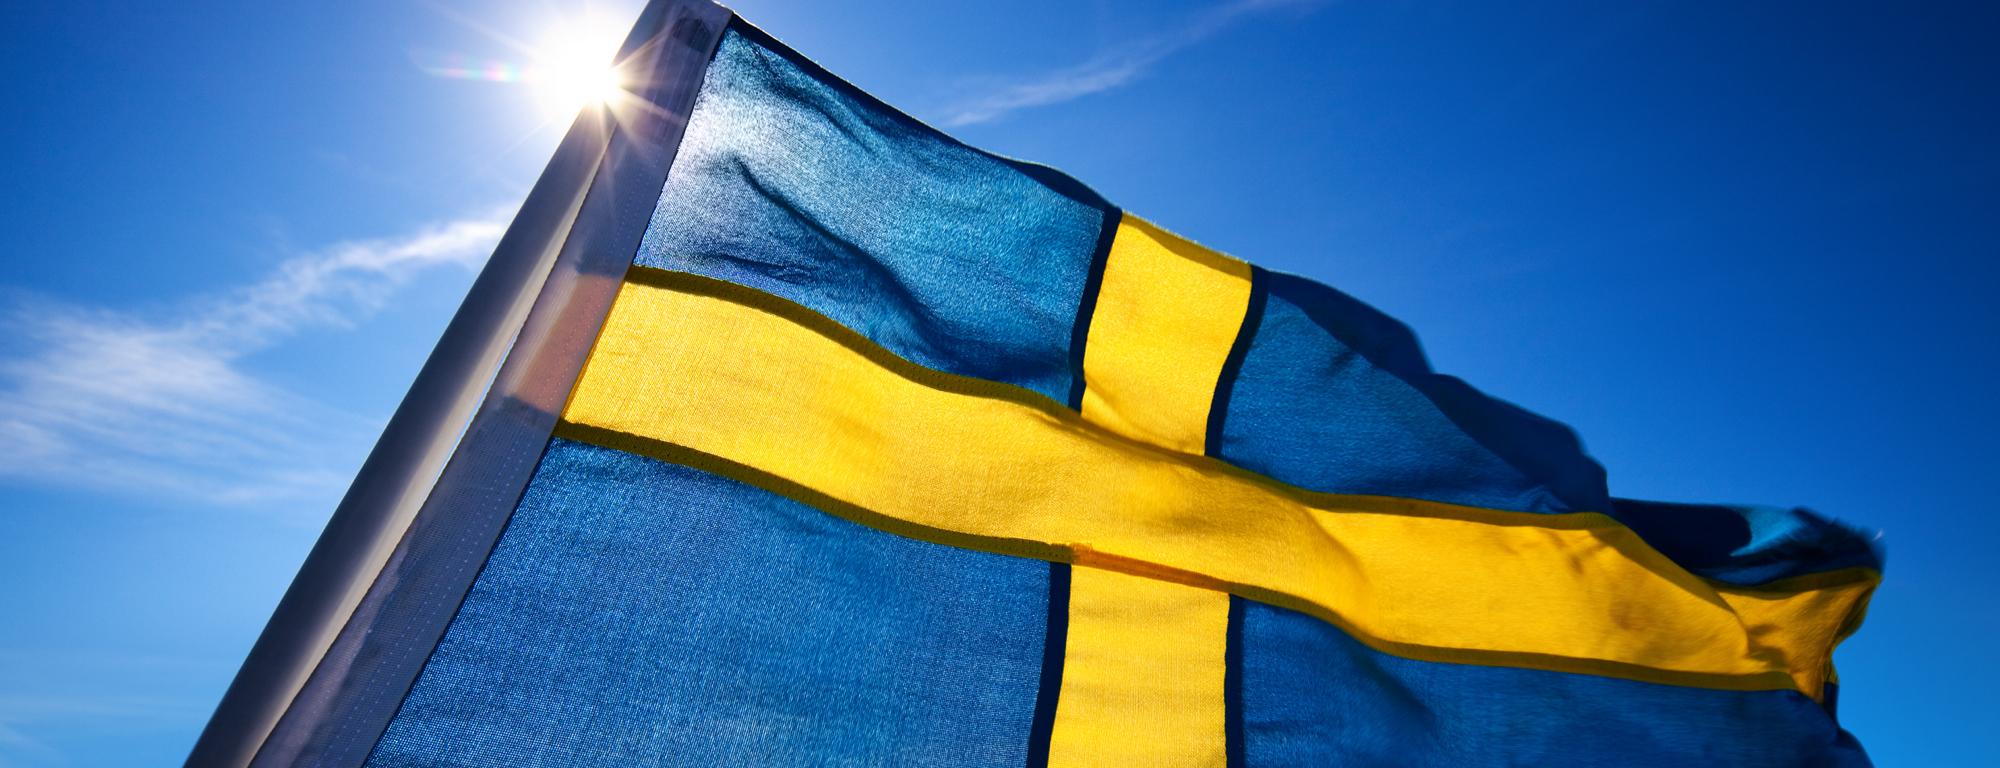 پرسنال نامبر سوئد